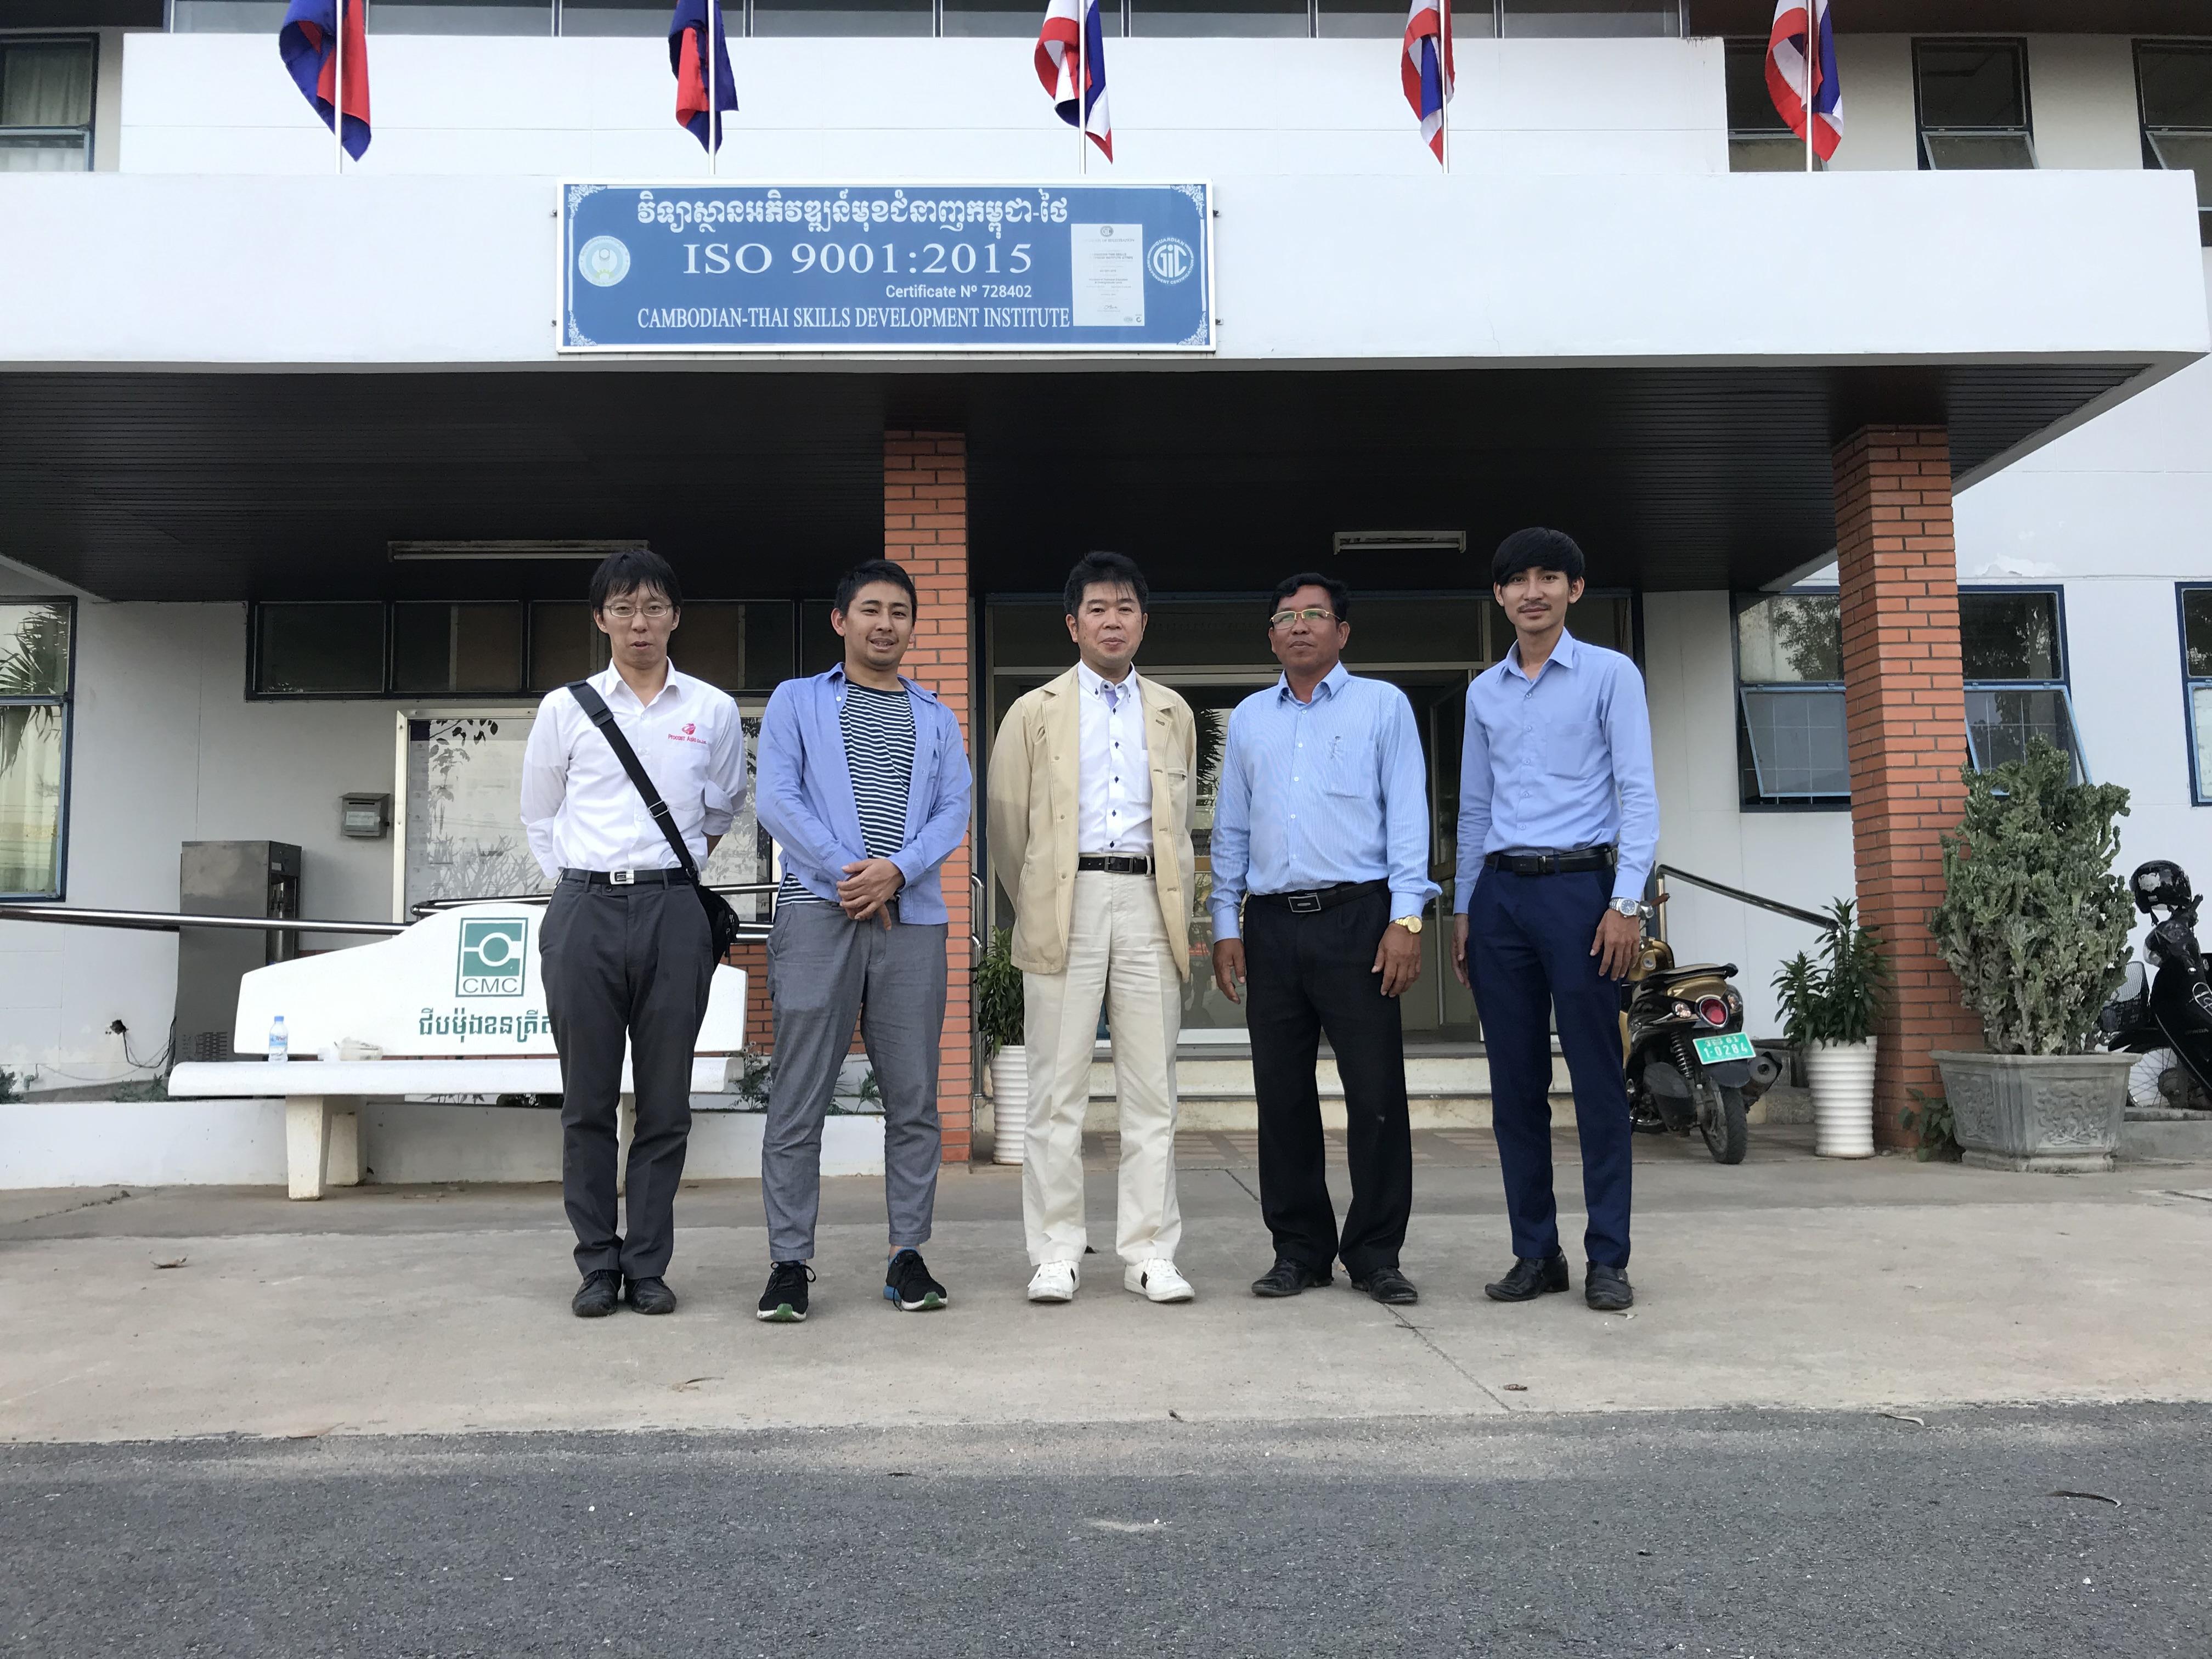 9. カンボジア-タイ 技術開発専門学校.JPEG